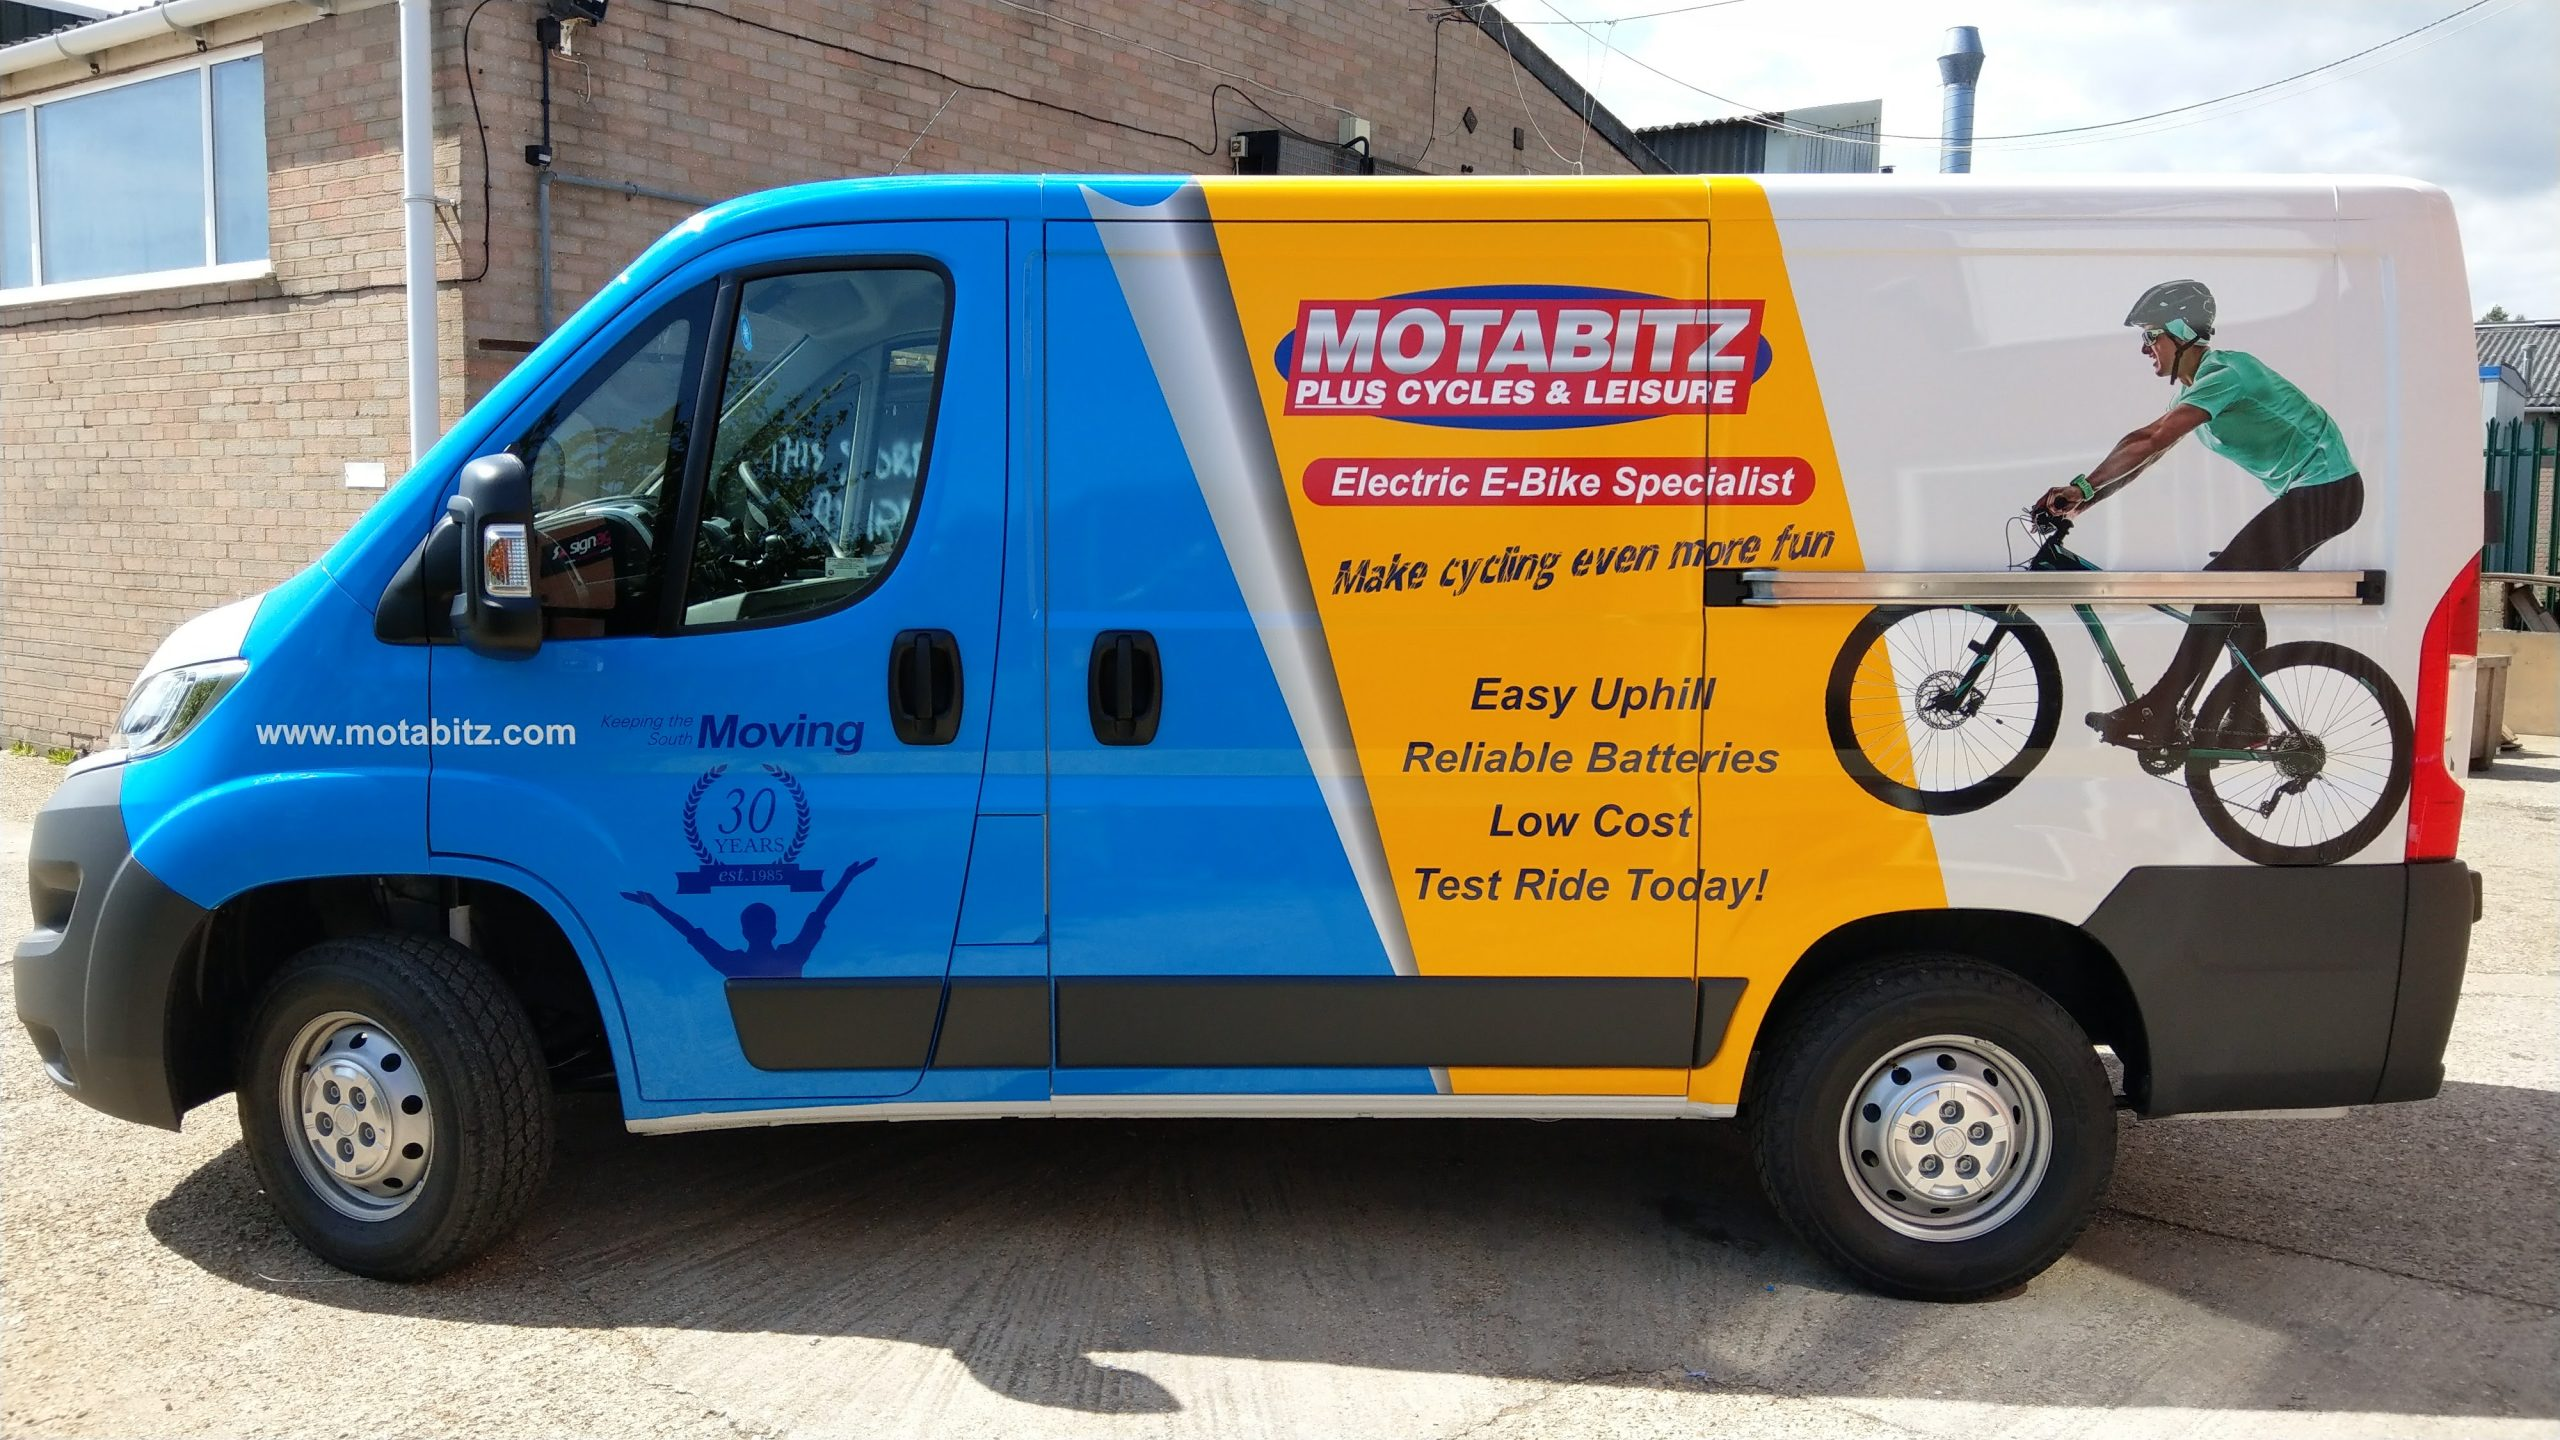 Motabitz Vehicle Graphics, signage